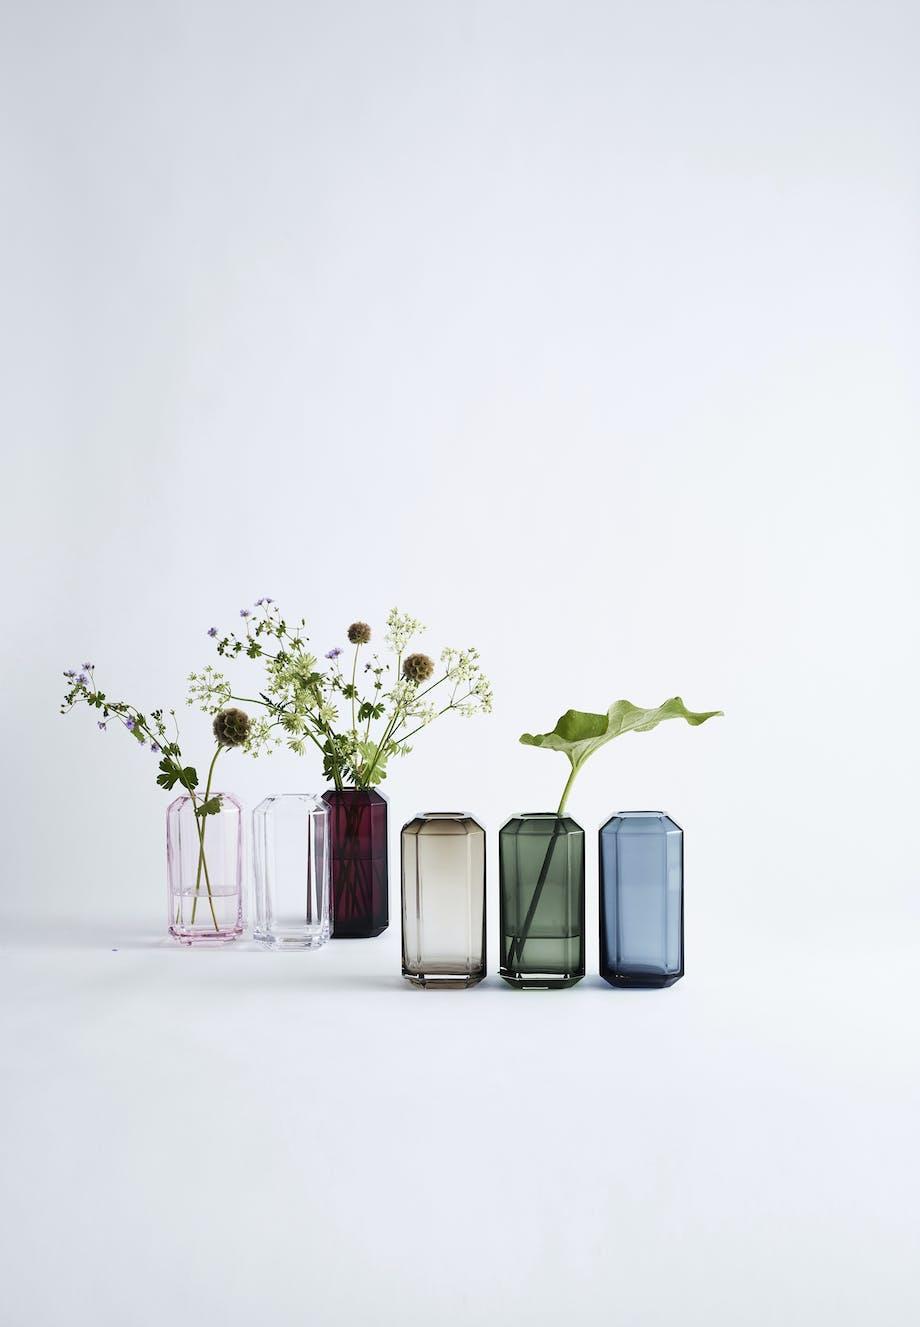 Jewel-vasen